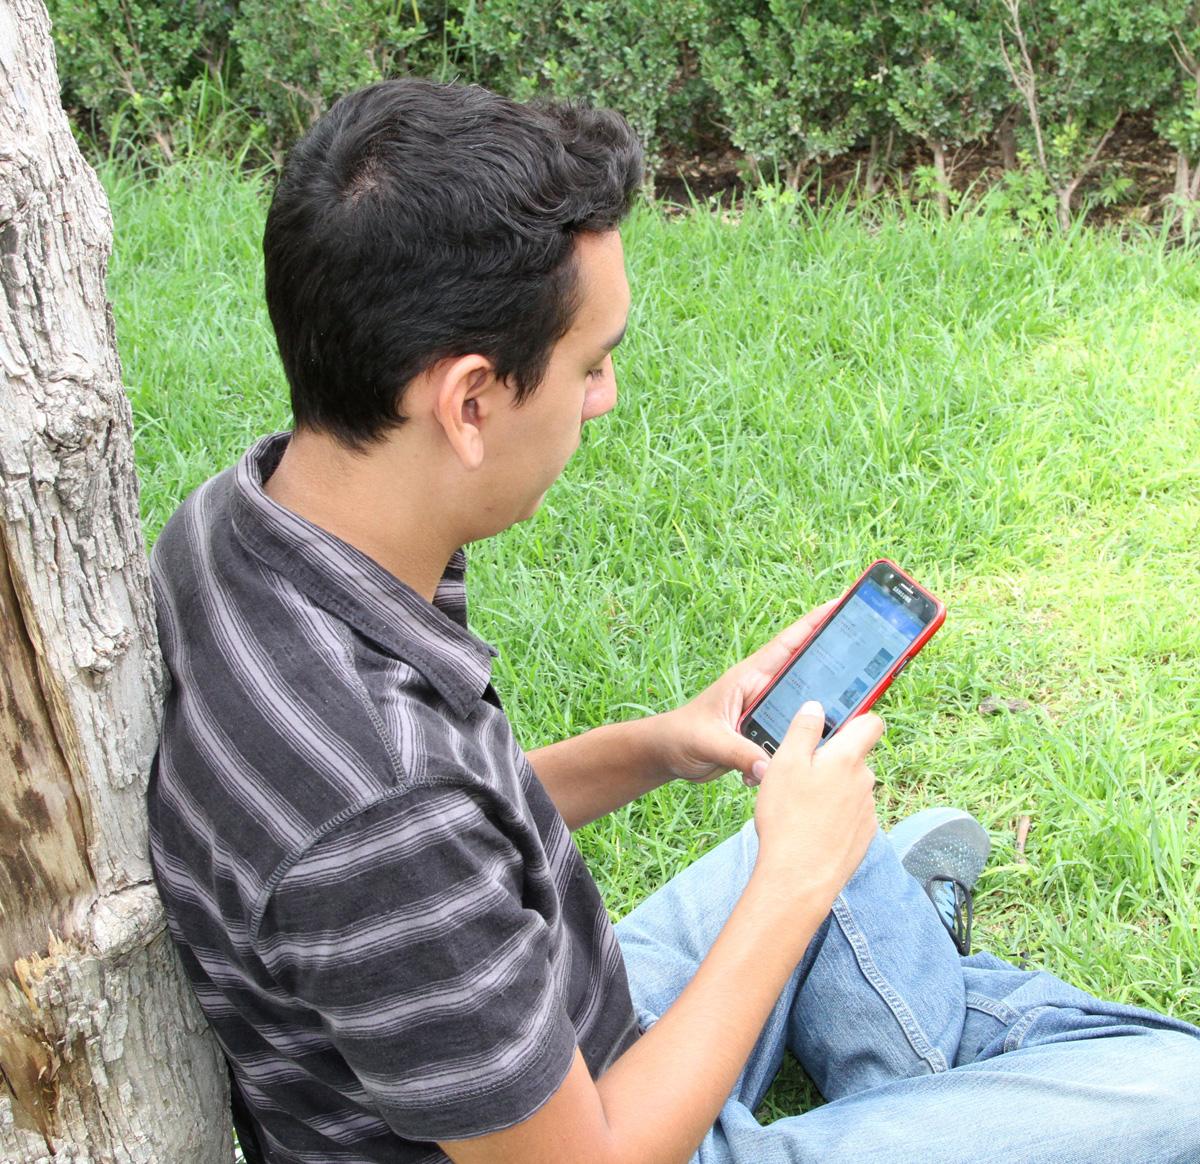 IEA no descarta prohibir celulares en algunas escuelas